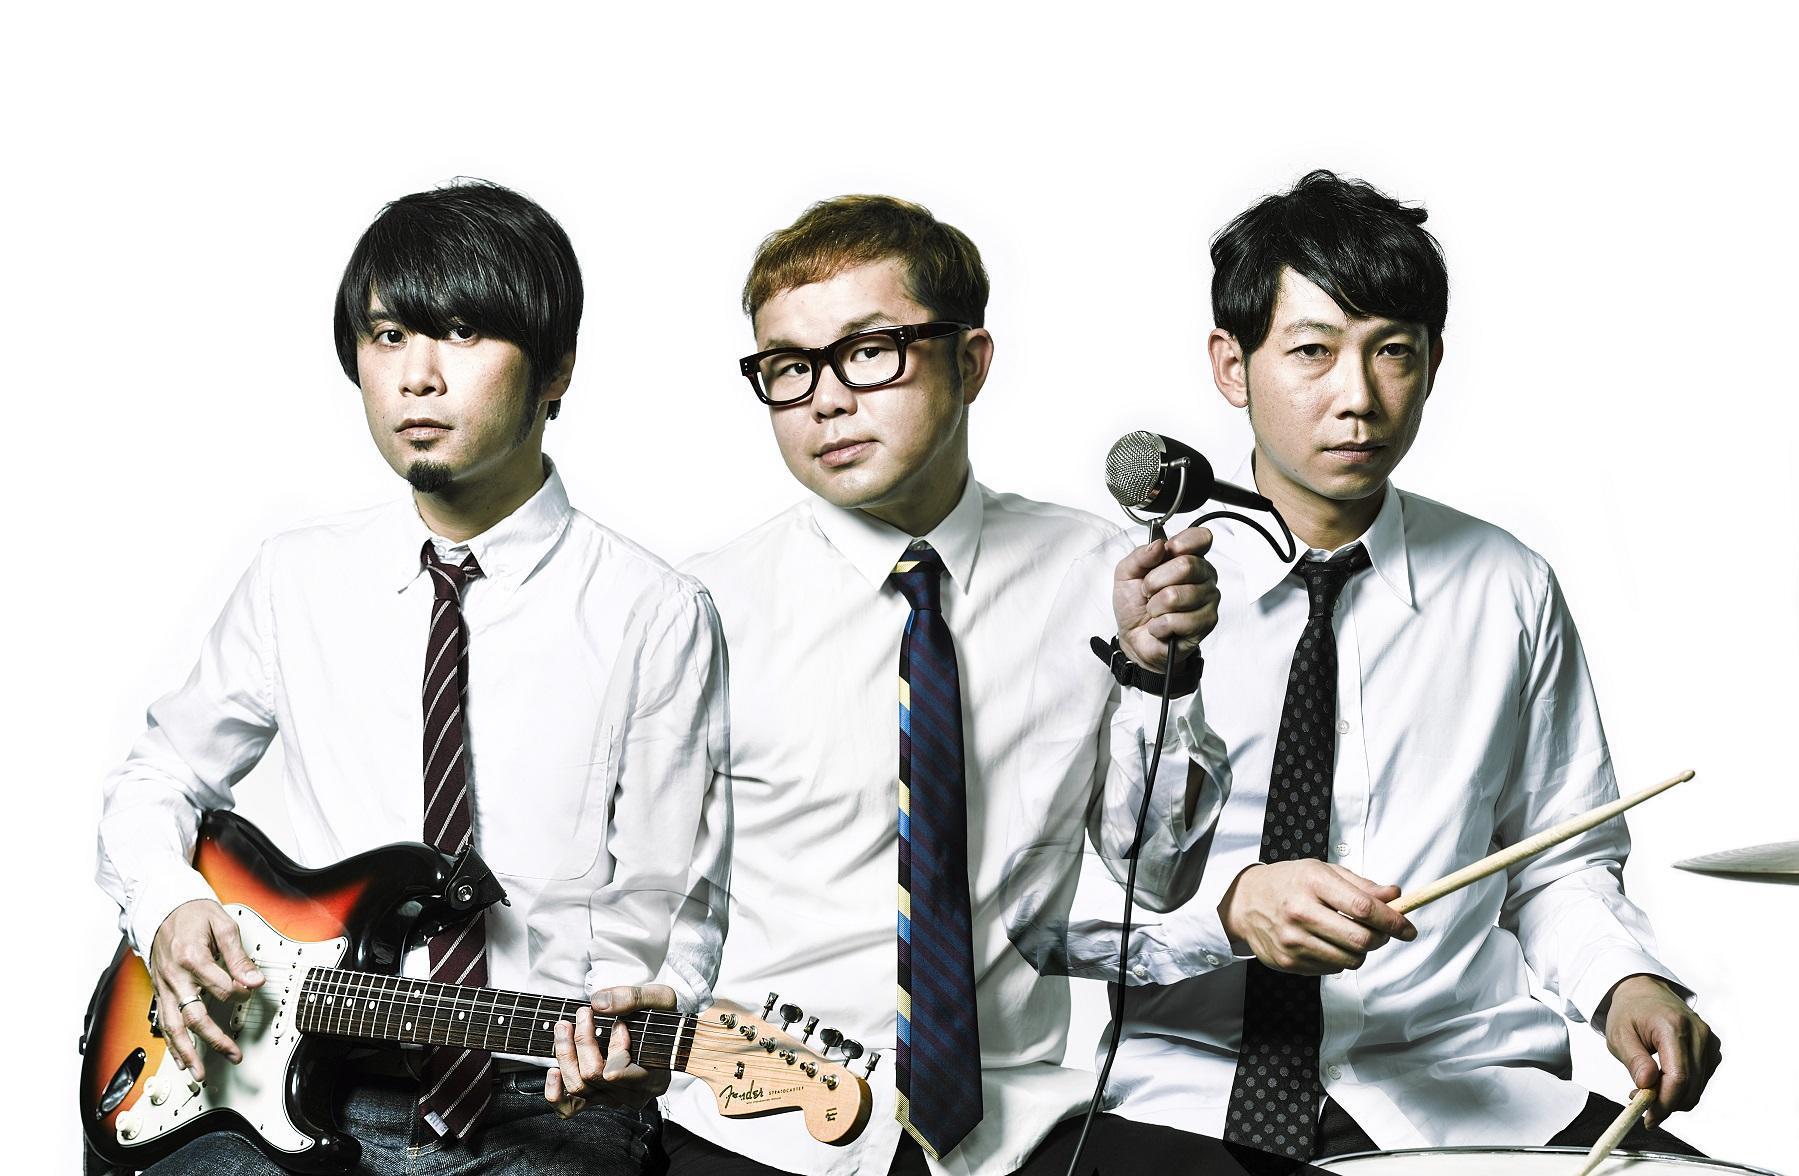 http://news.yoshimoto.co.jp/20161031112340-c38aab1d75e26c03d1055ef25d035d7b5a57a507.jpg